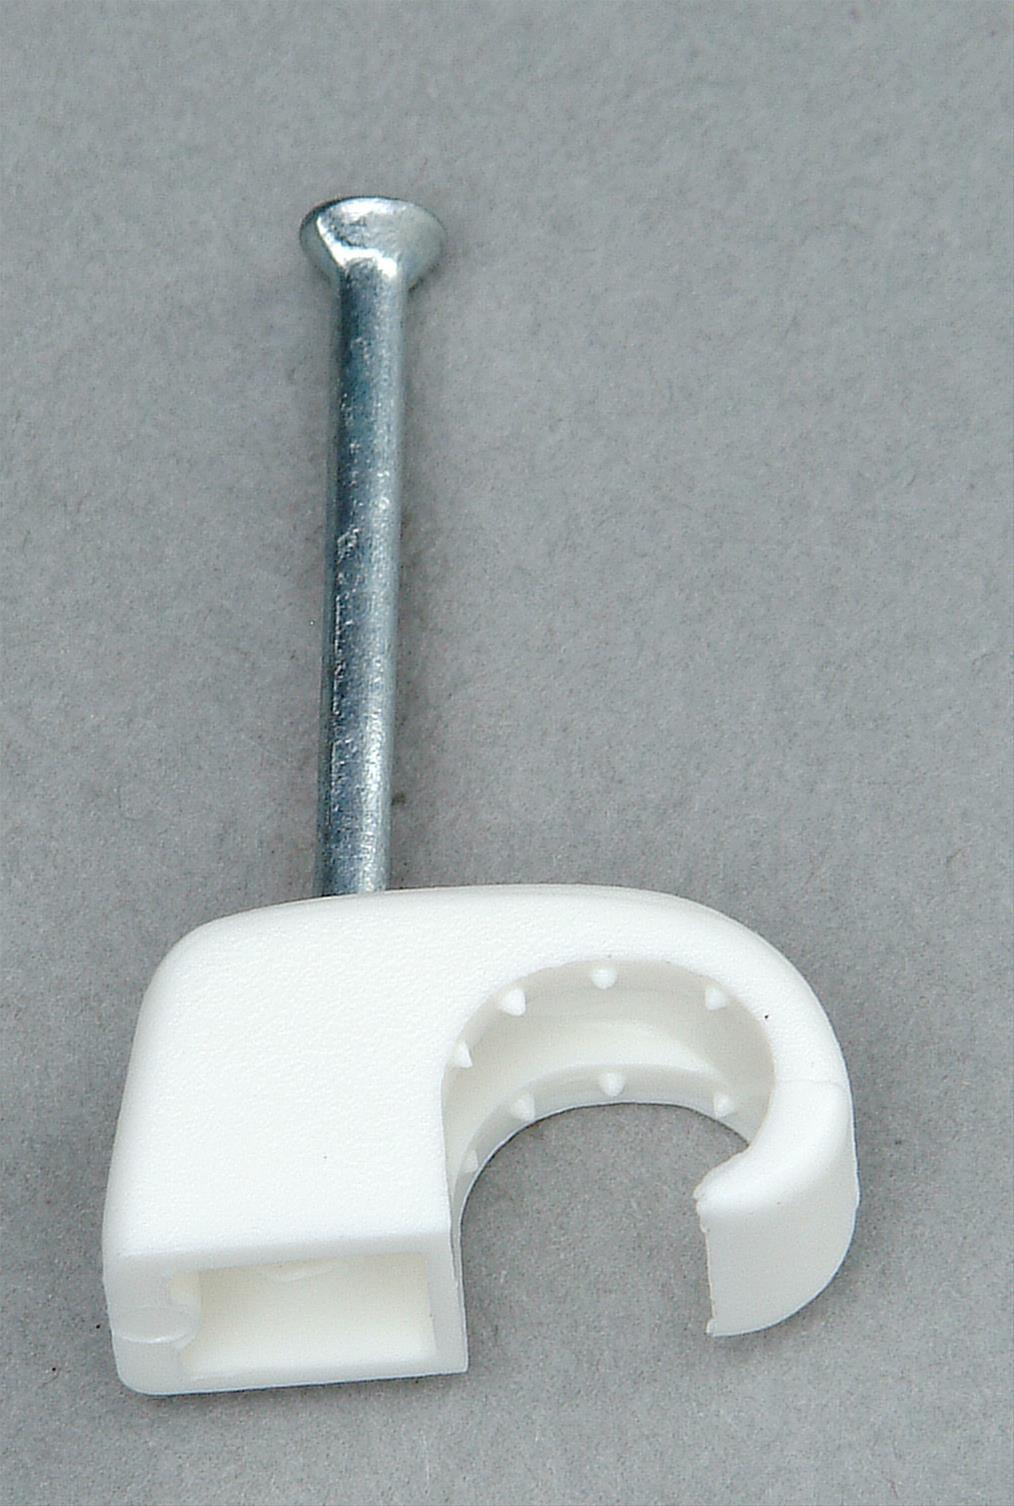 Kopp Iso-Schellen 7 - 11mm weiß mit Stahlnadeln 30mm 50 Stück Bild 1